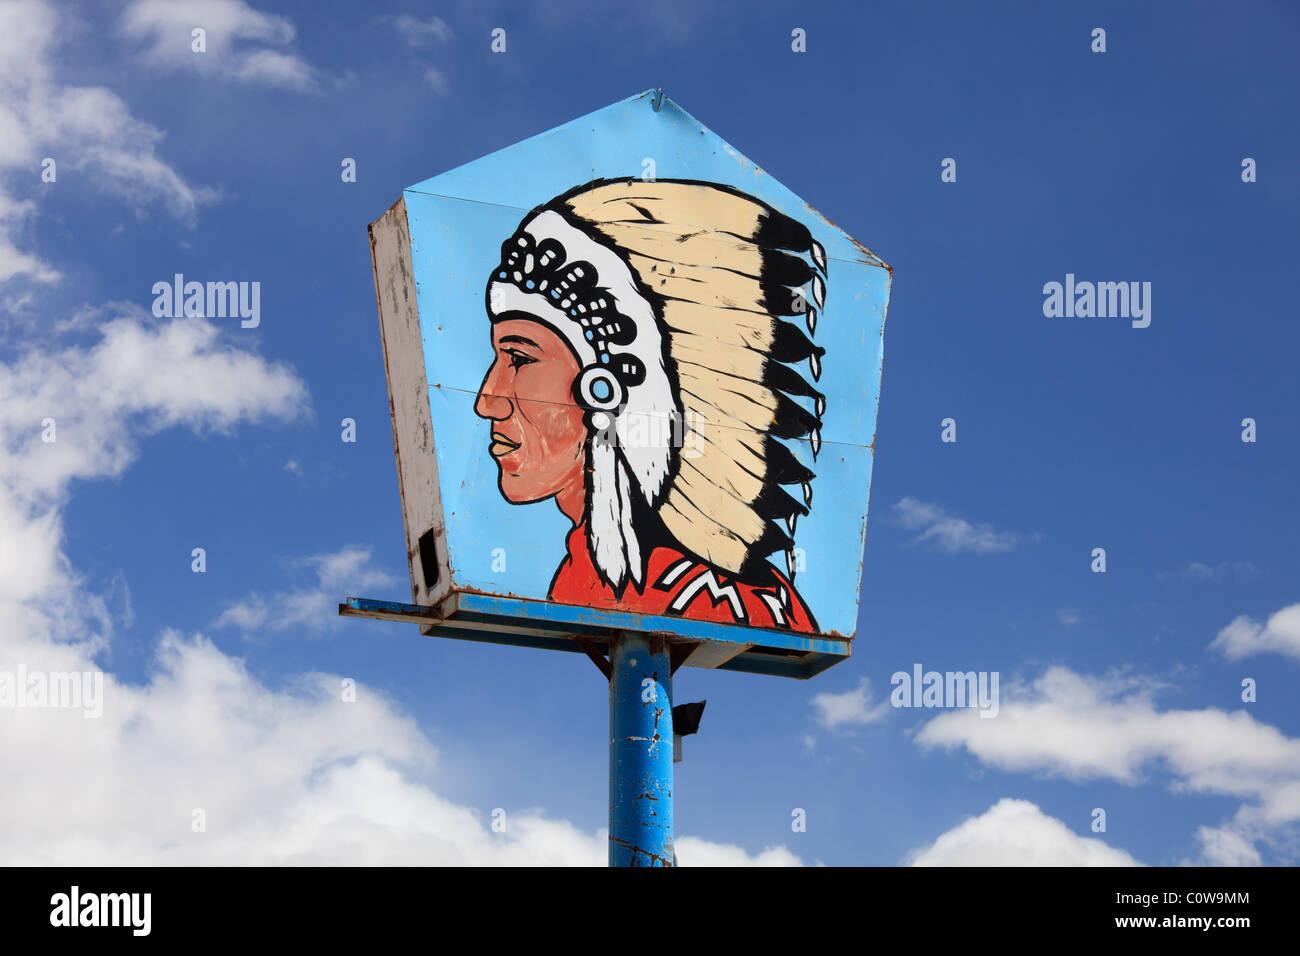 Big Chief gas station sign, Zia Pueblo, New Mexico. - Stock Image